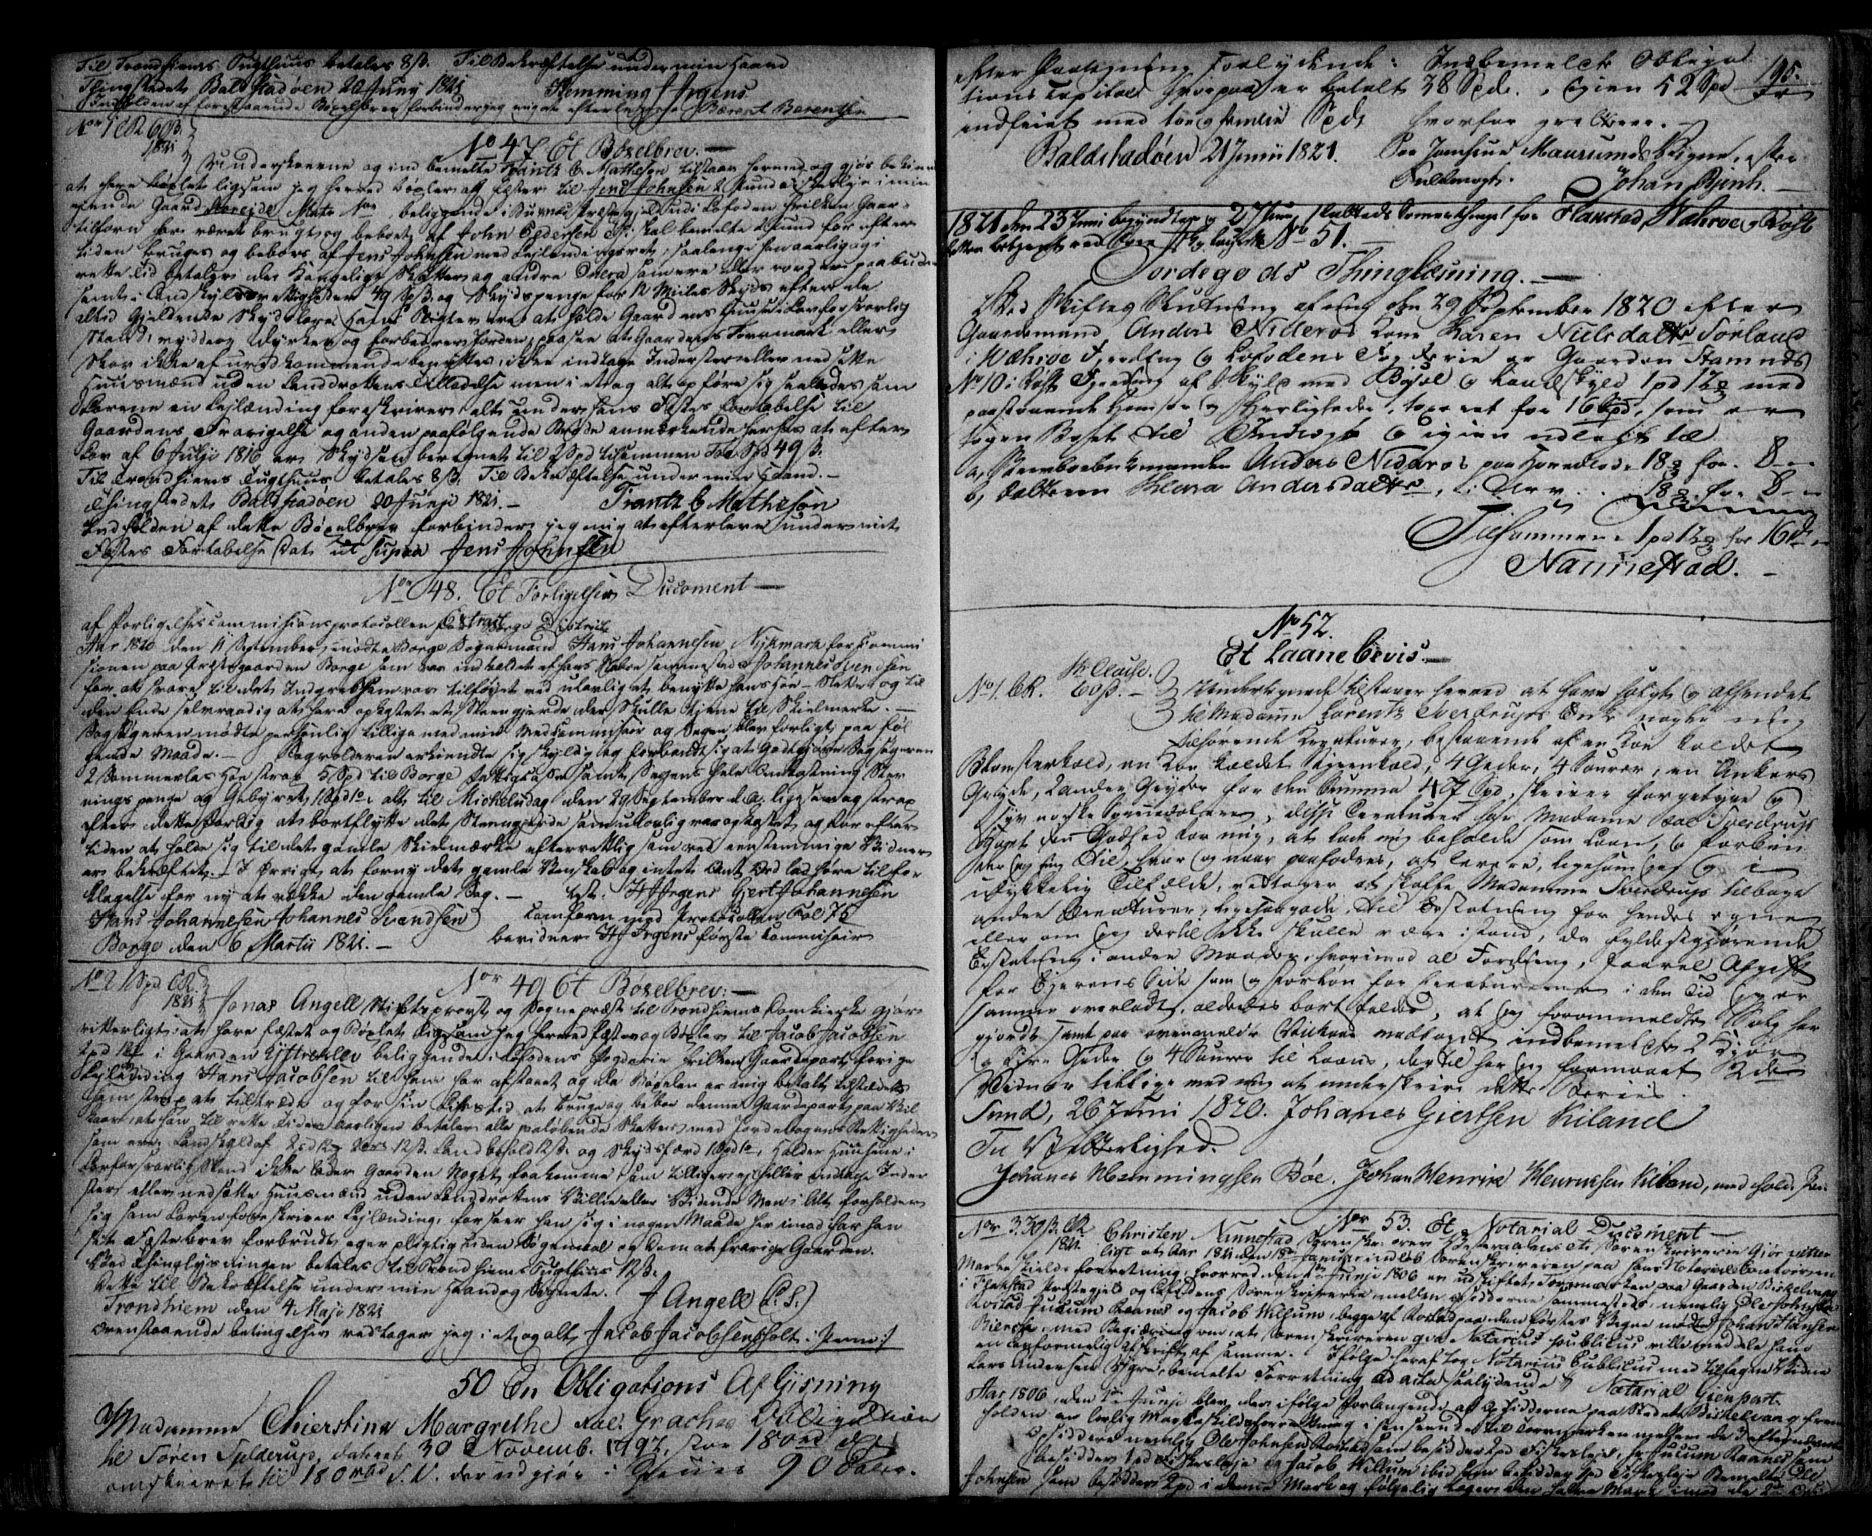 SAT, Vesterålen sorenskriveri, 2/2Ca/L0006: Pantebok nr. F, 1812-1823, s. 195